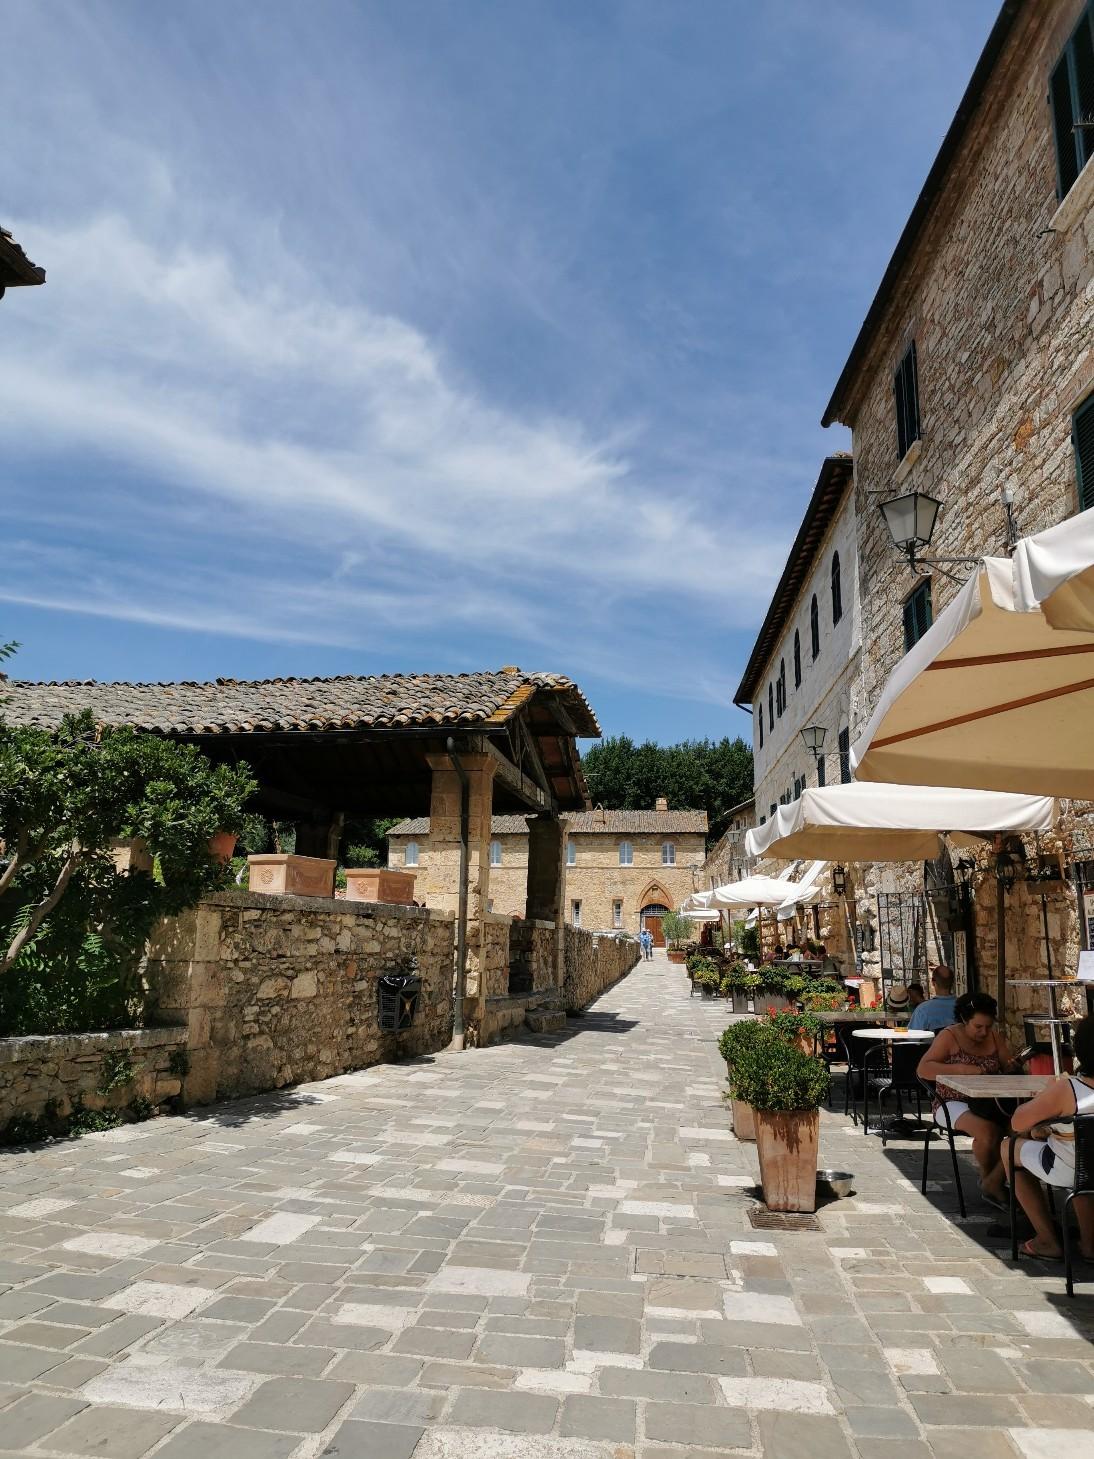 村の広場に温泉が湧くバーニョ・ヴィニョーニ_f0106597_00471024.jpg